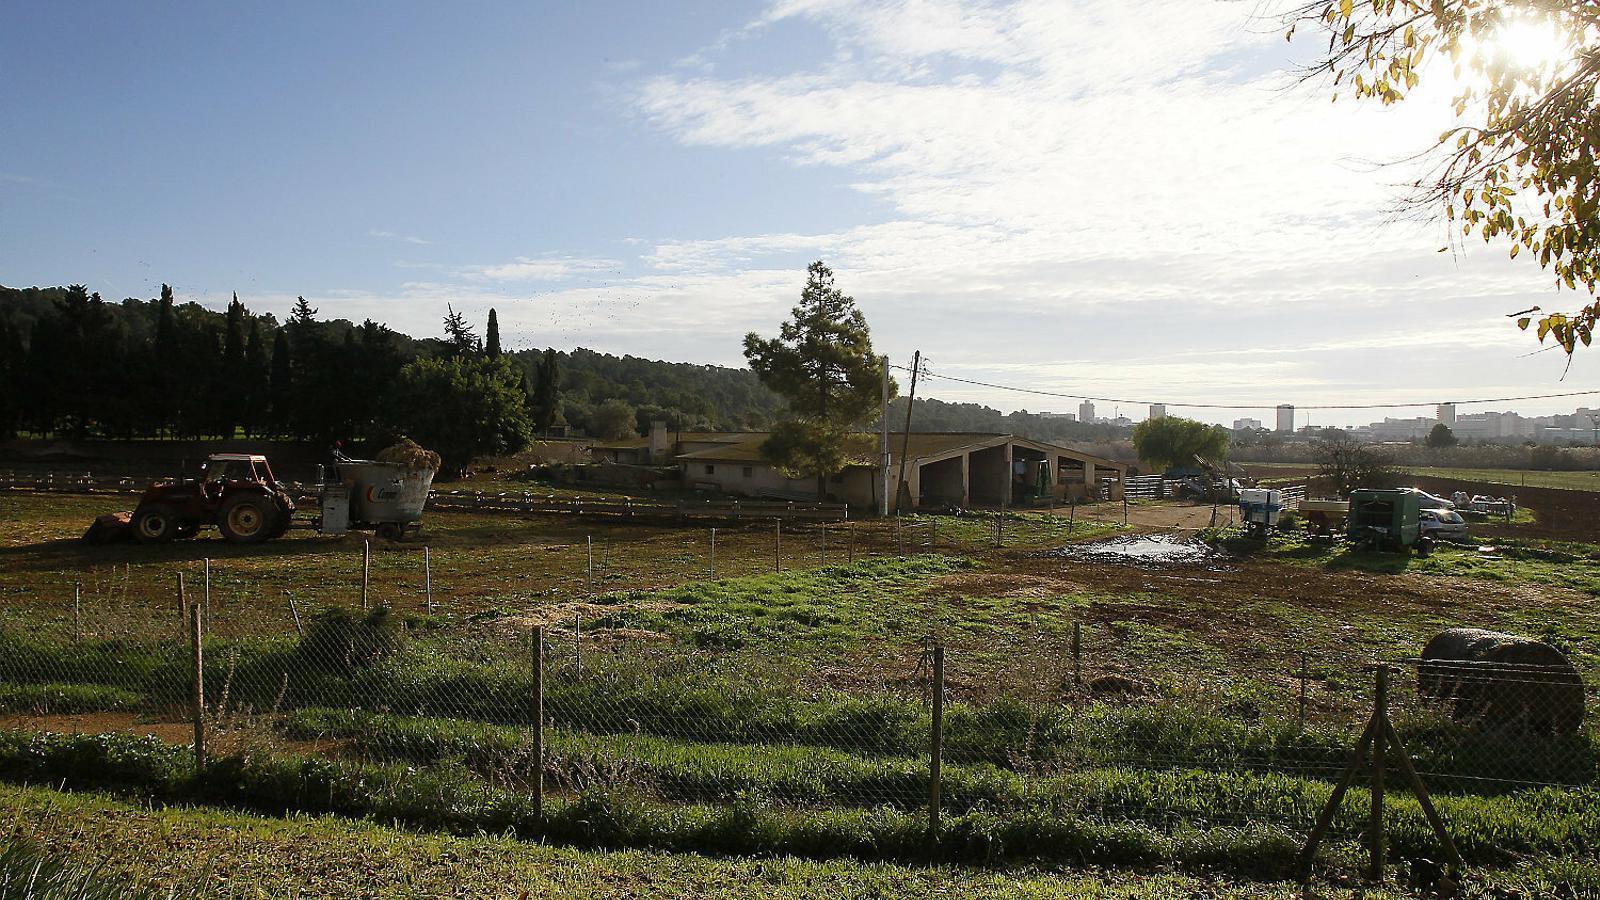 Les construccions agràries no hauran d'adoptar mesures d'integració paisatgística